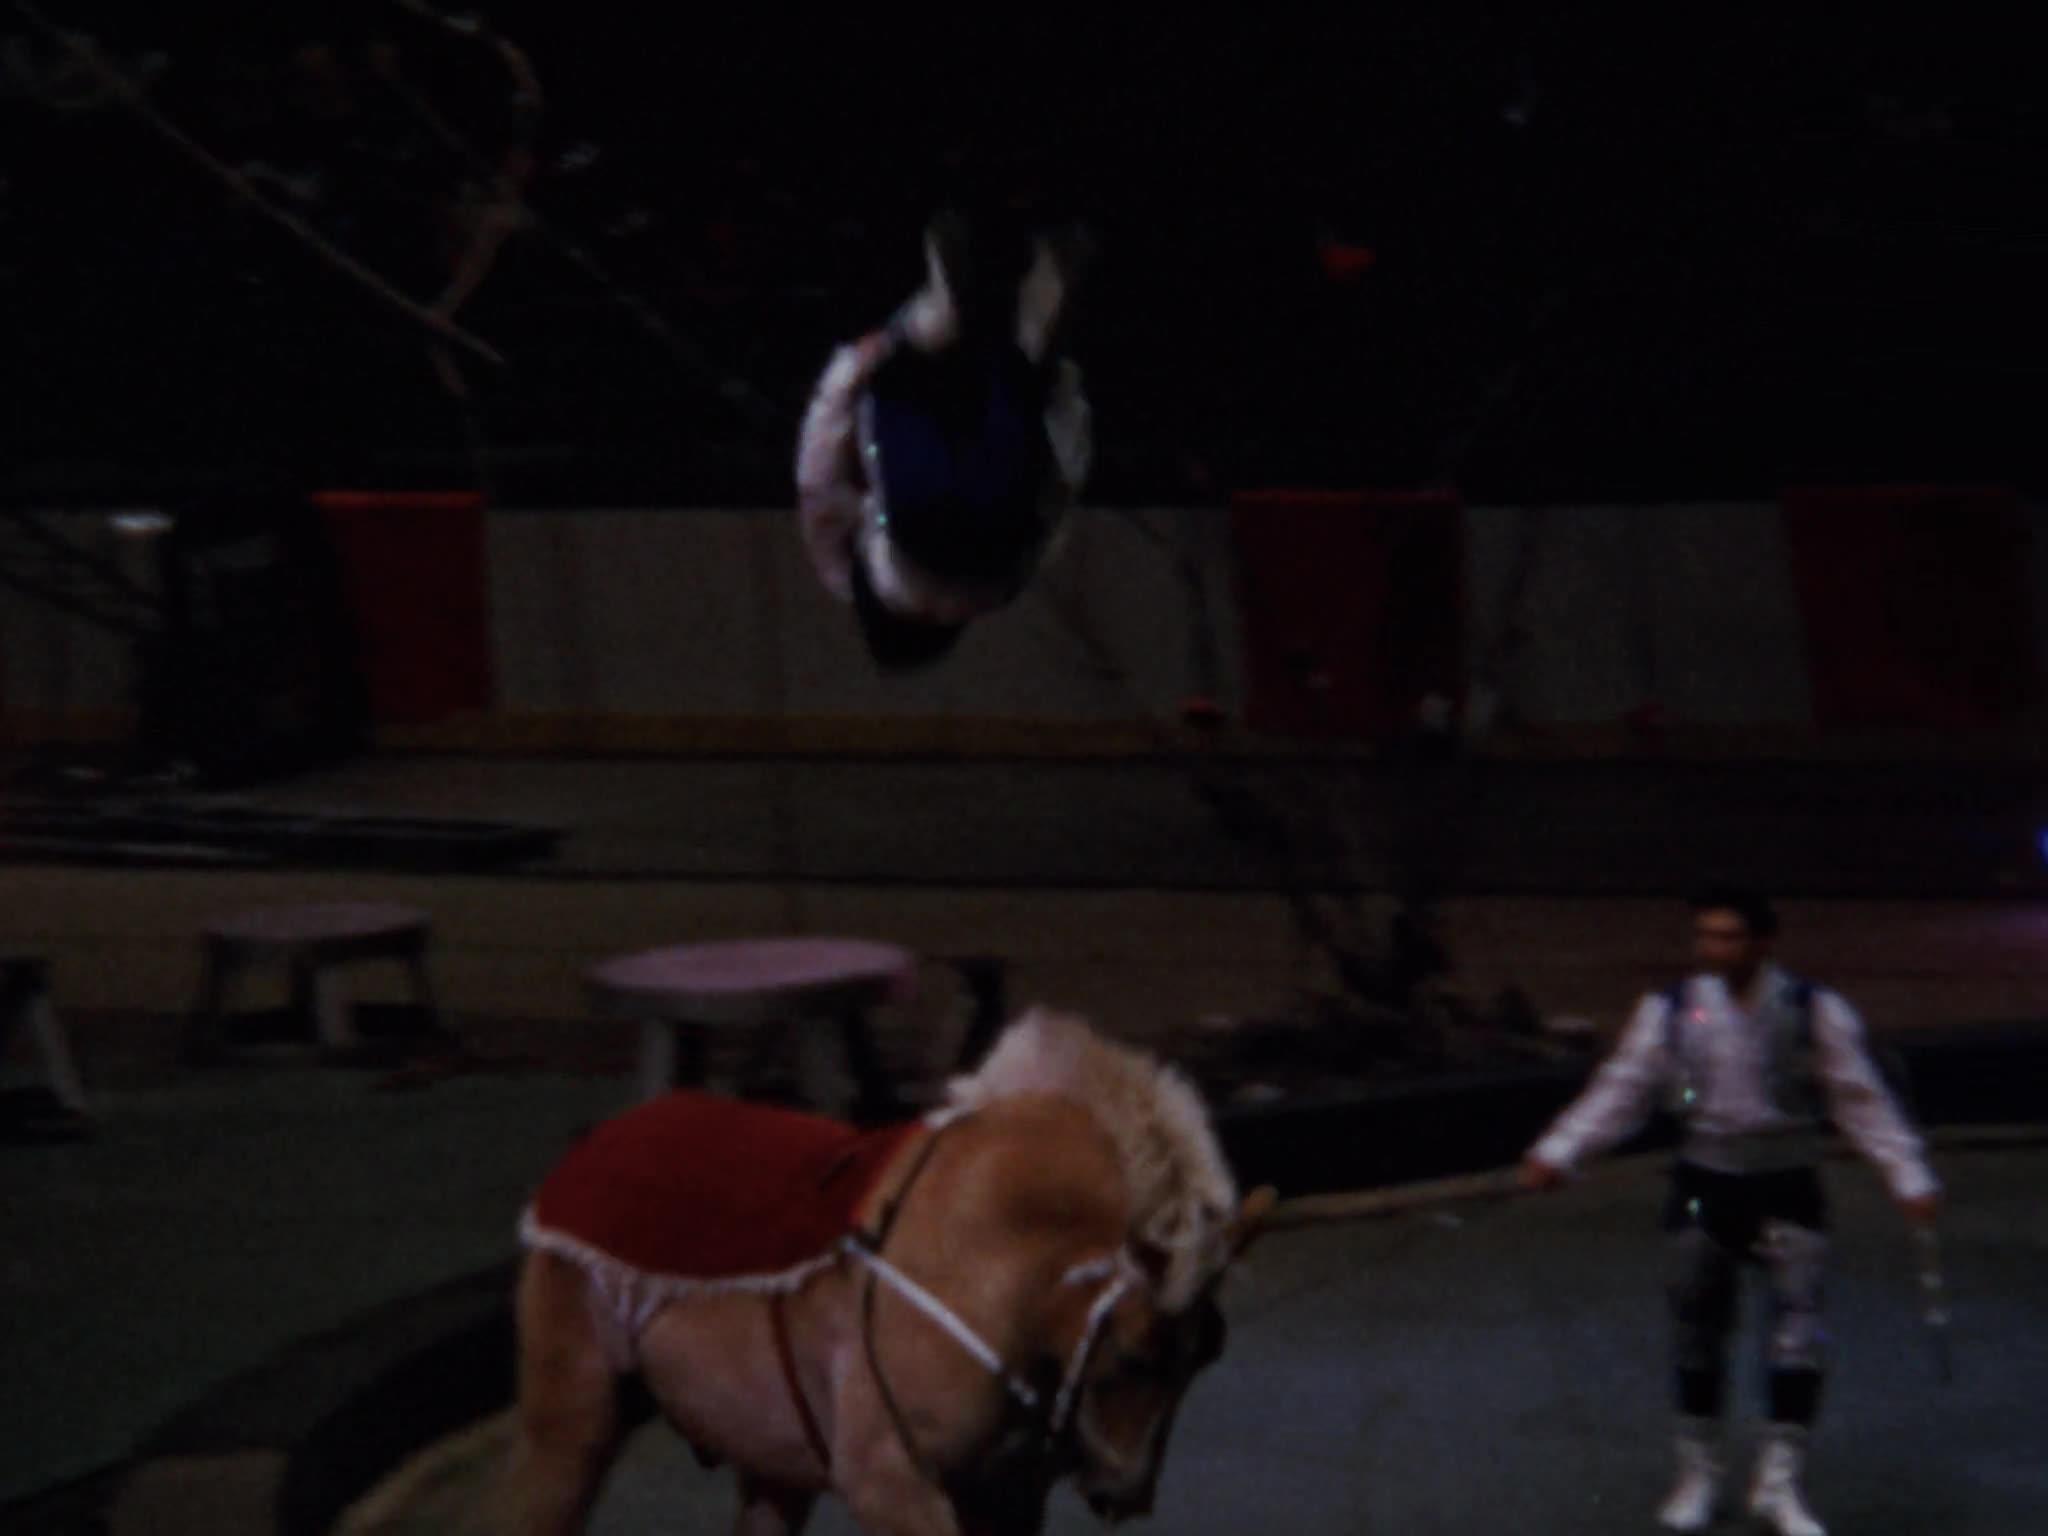 Riding Act, Clown Car, RBBB Blue Unit, Clown Ladder